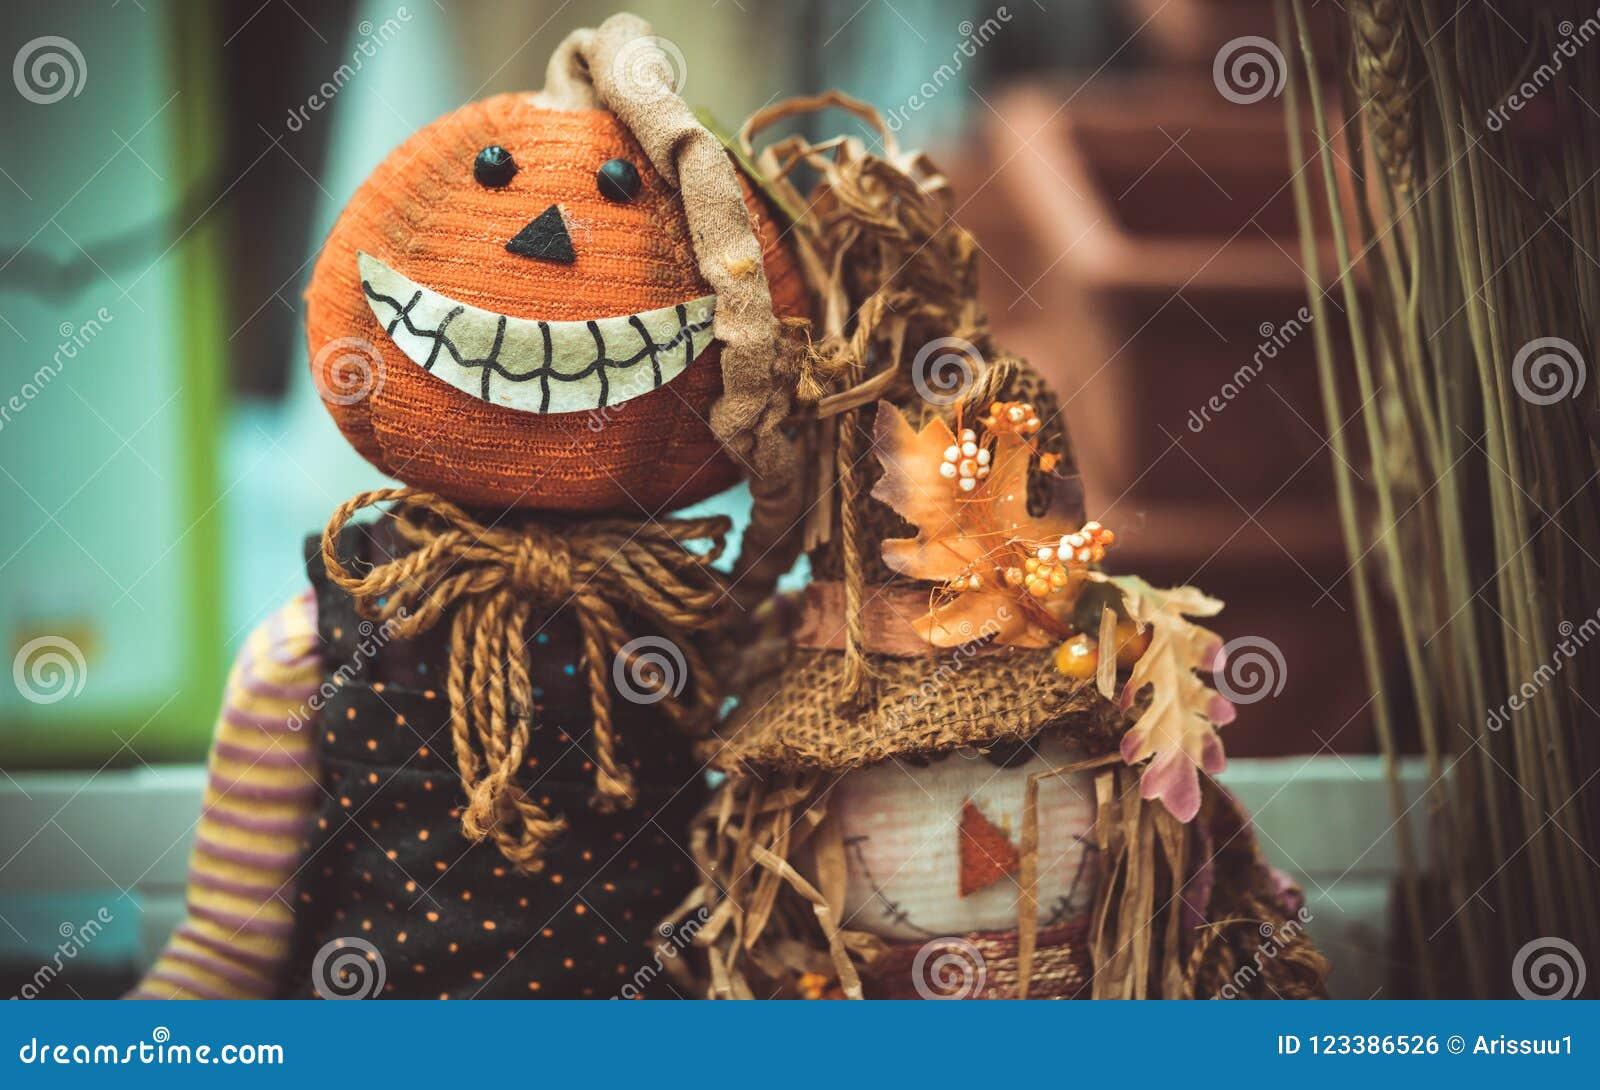 Idea asustadiza hecha a mano de la muñeca de Halloween